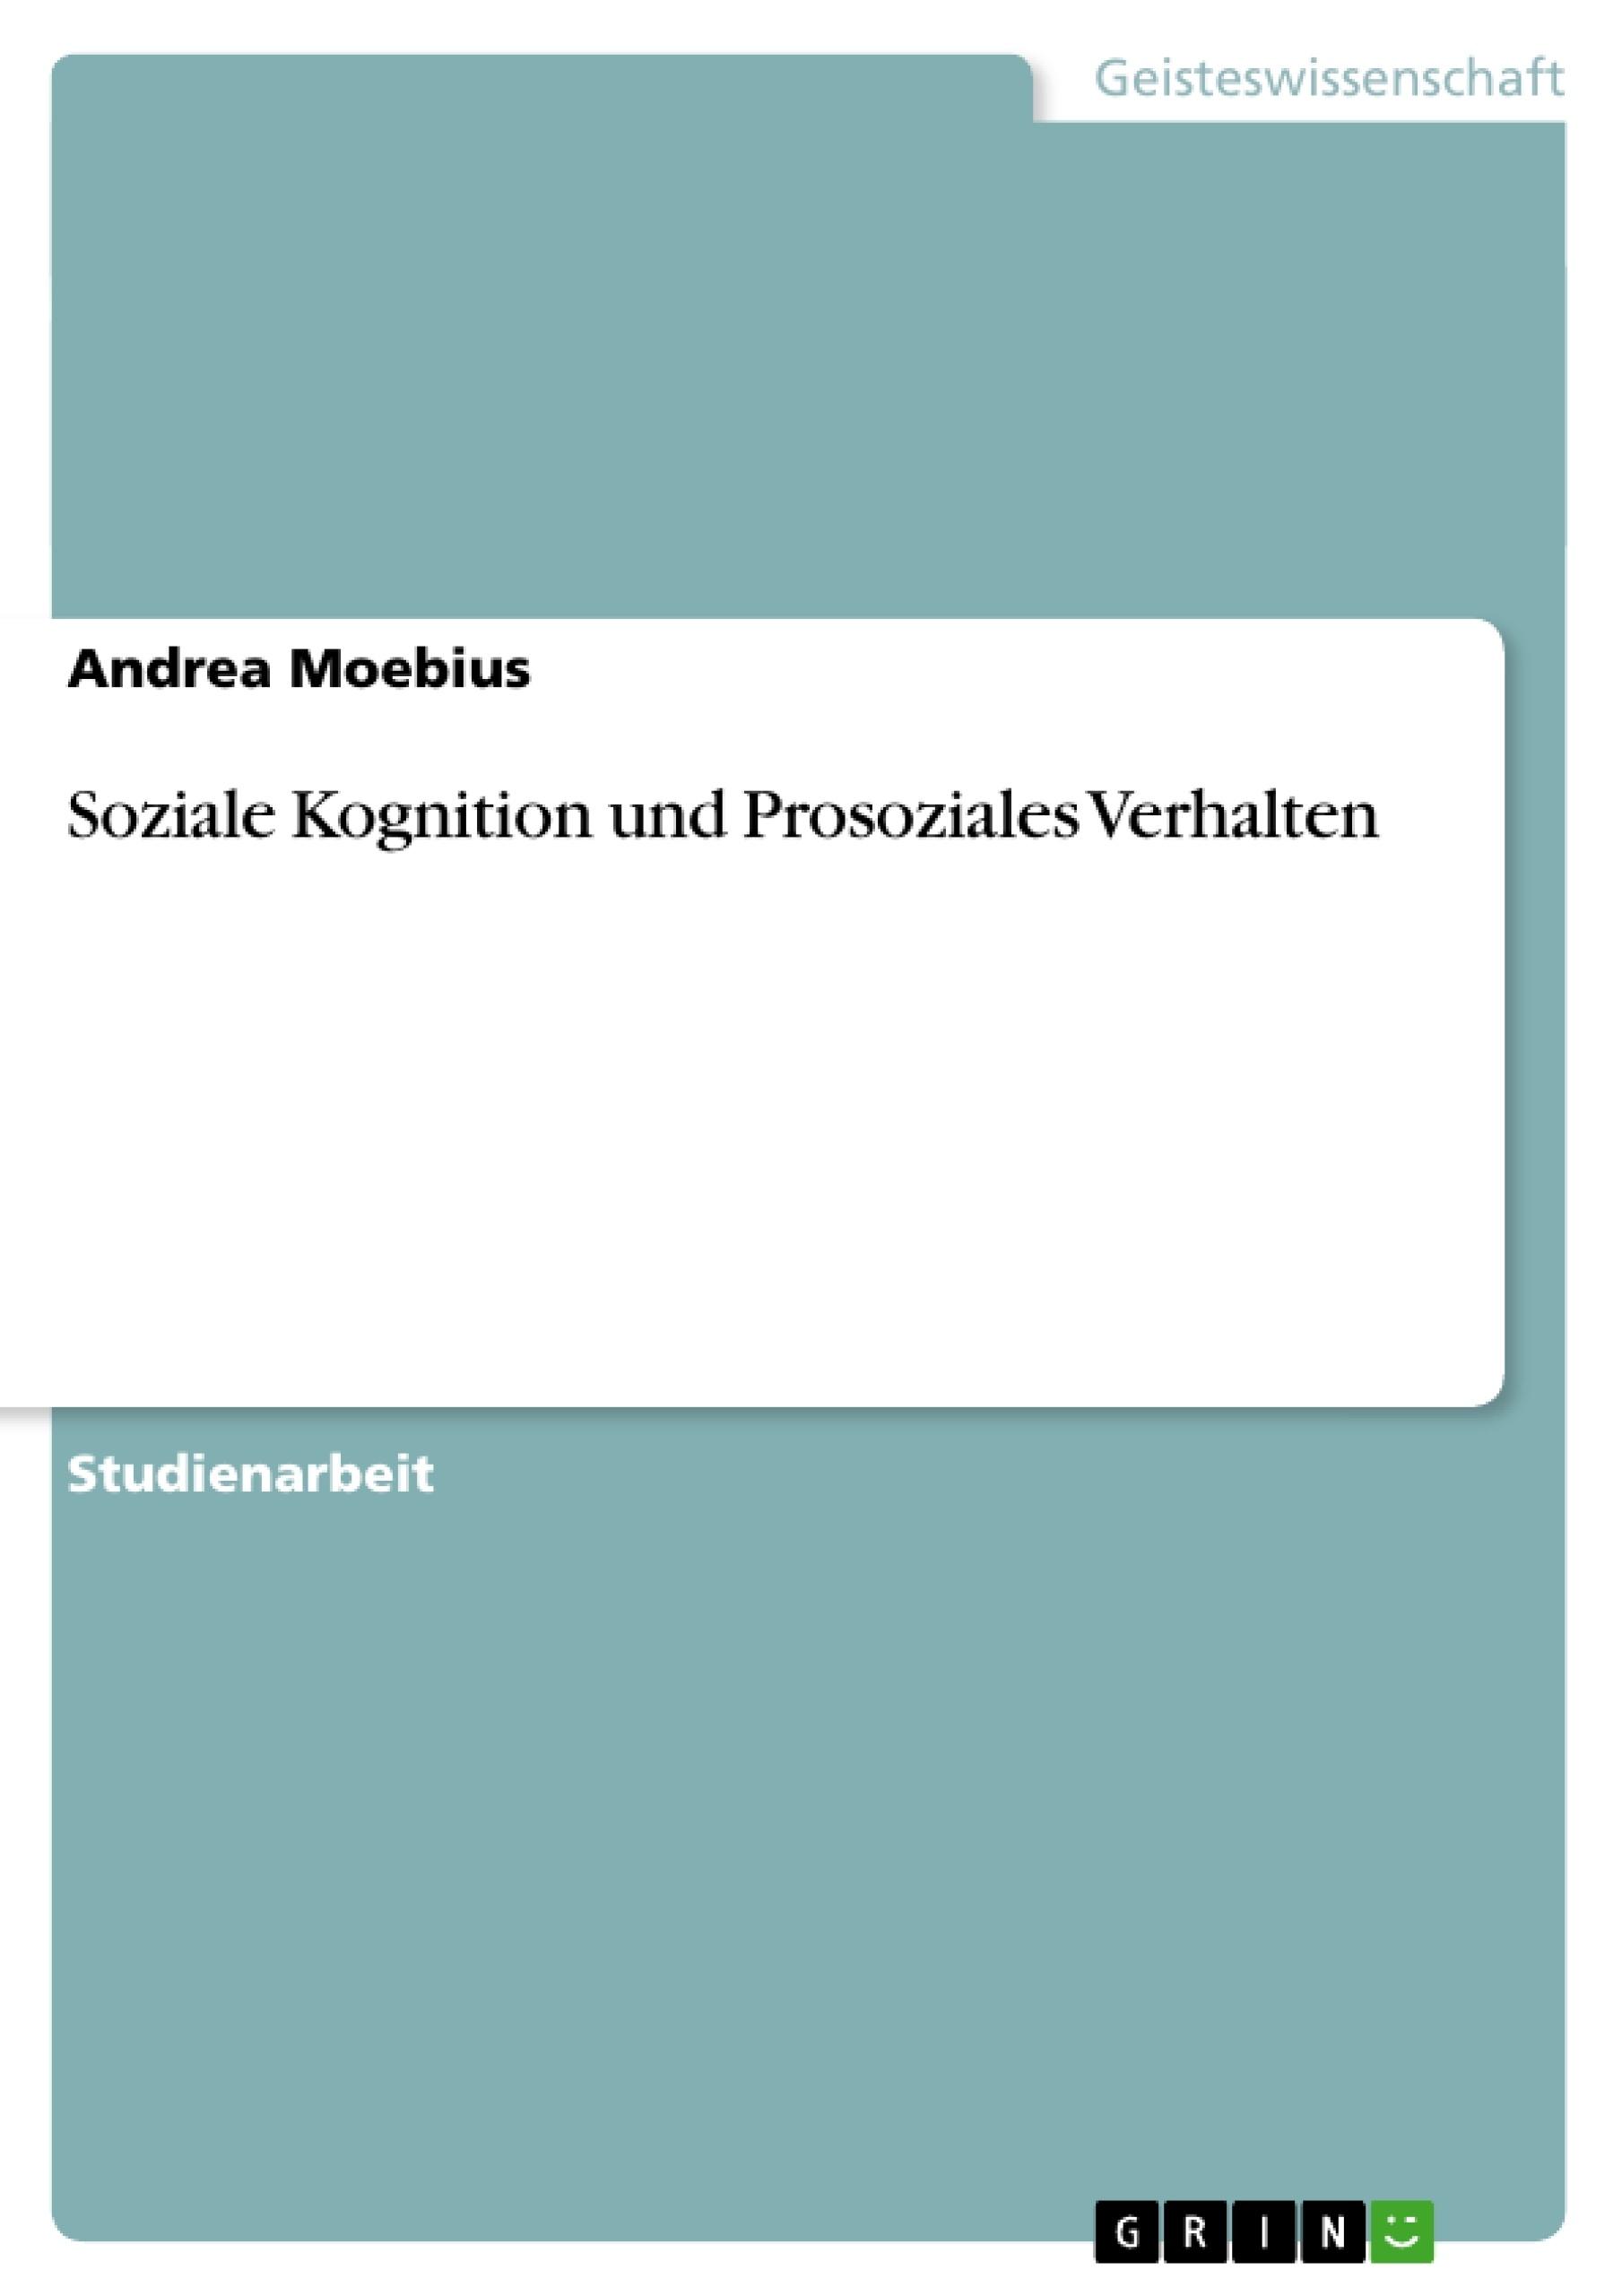 Titel: Soziale Kognition und Prosoziales Verhalten